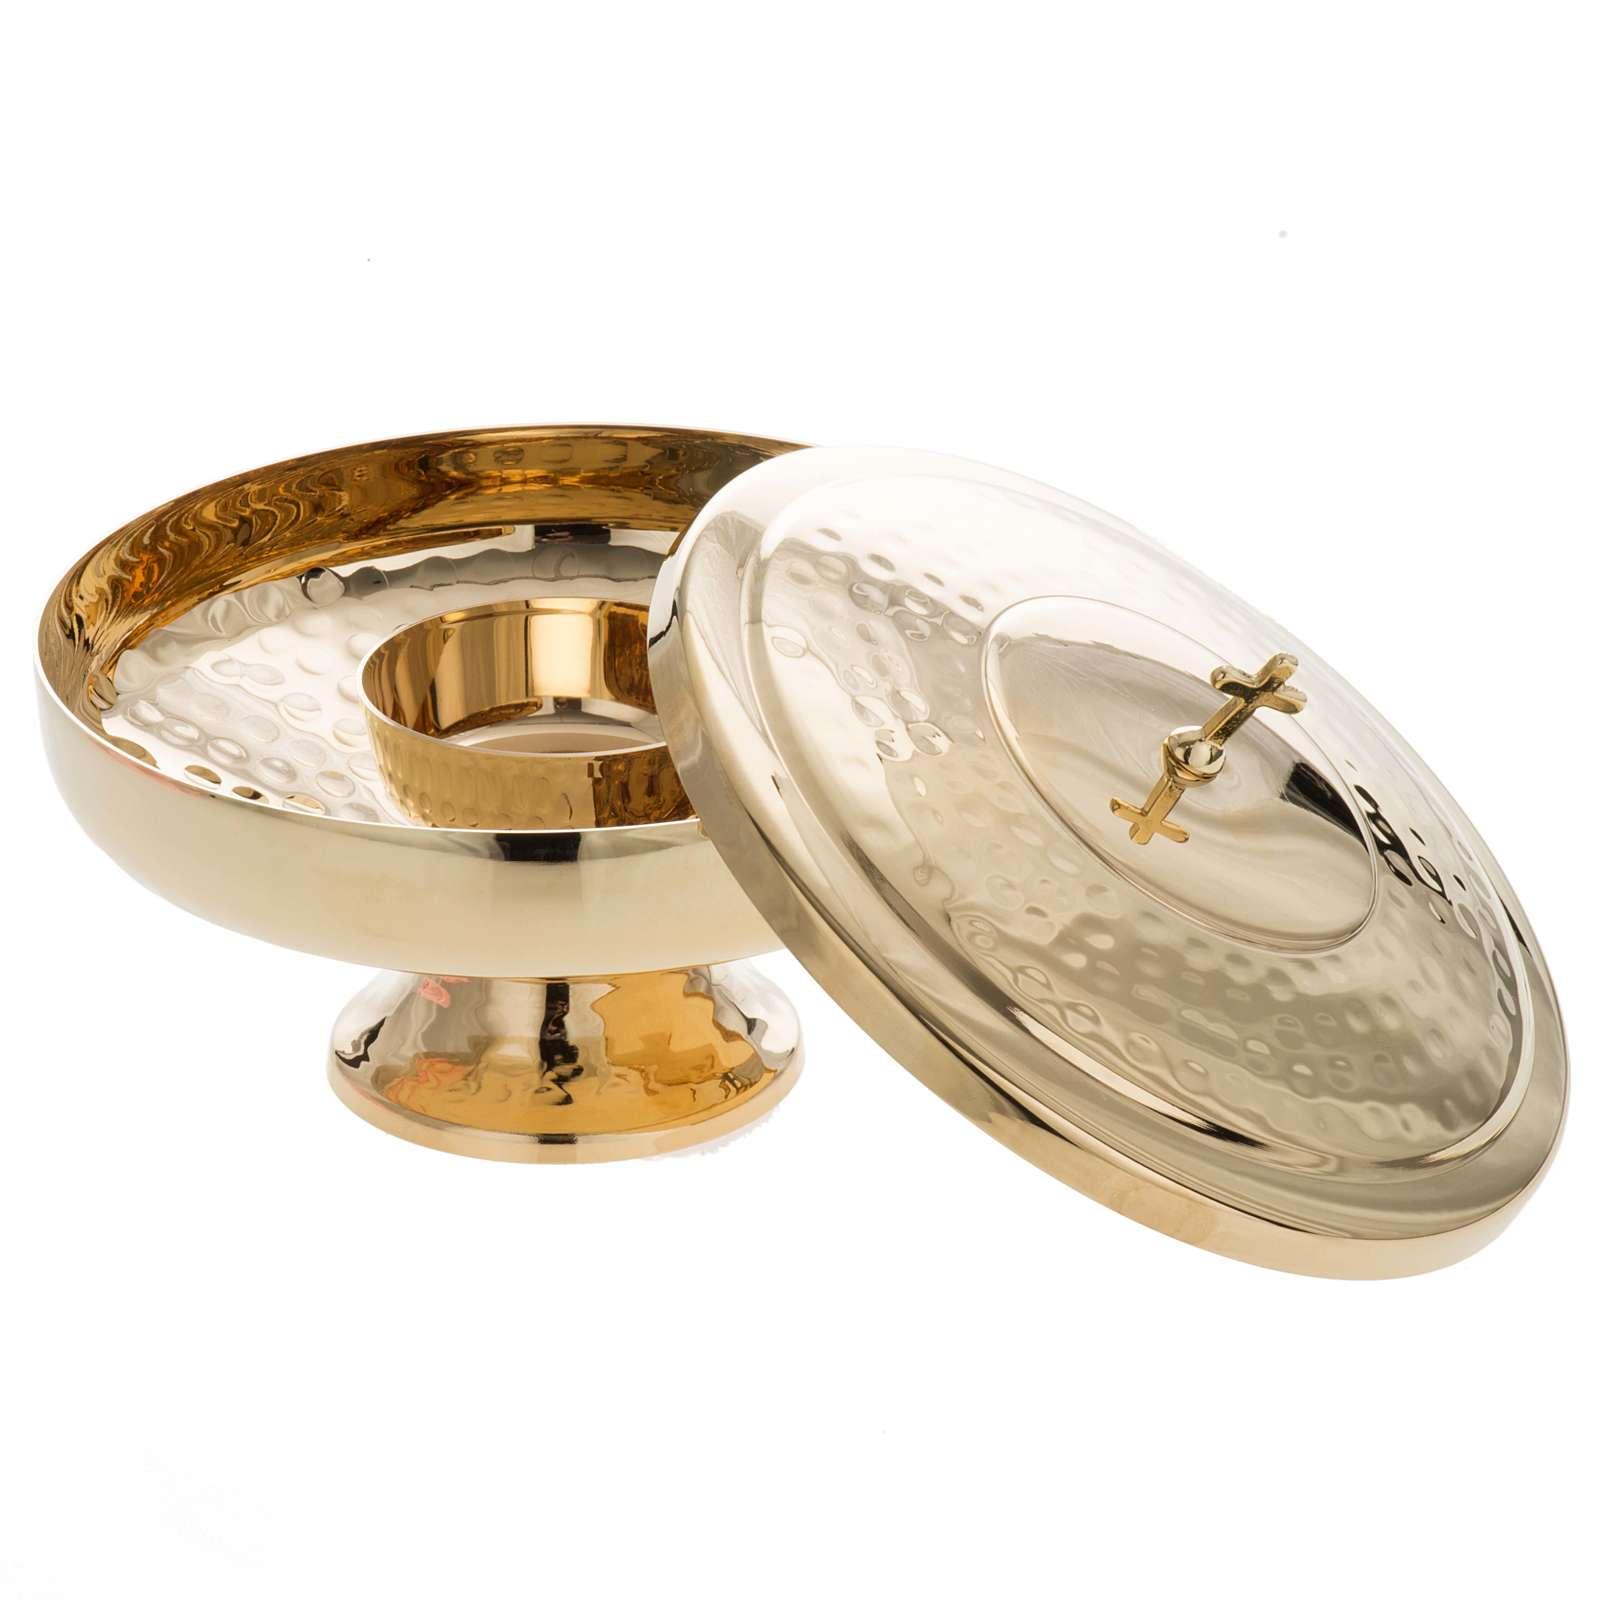 Ziborium zwei Gestalten gehämmertes vergoldetes Messing 4